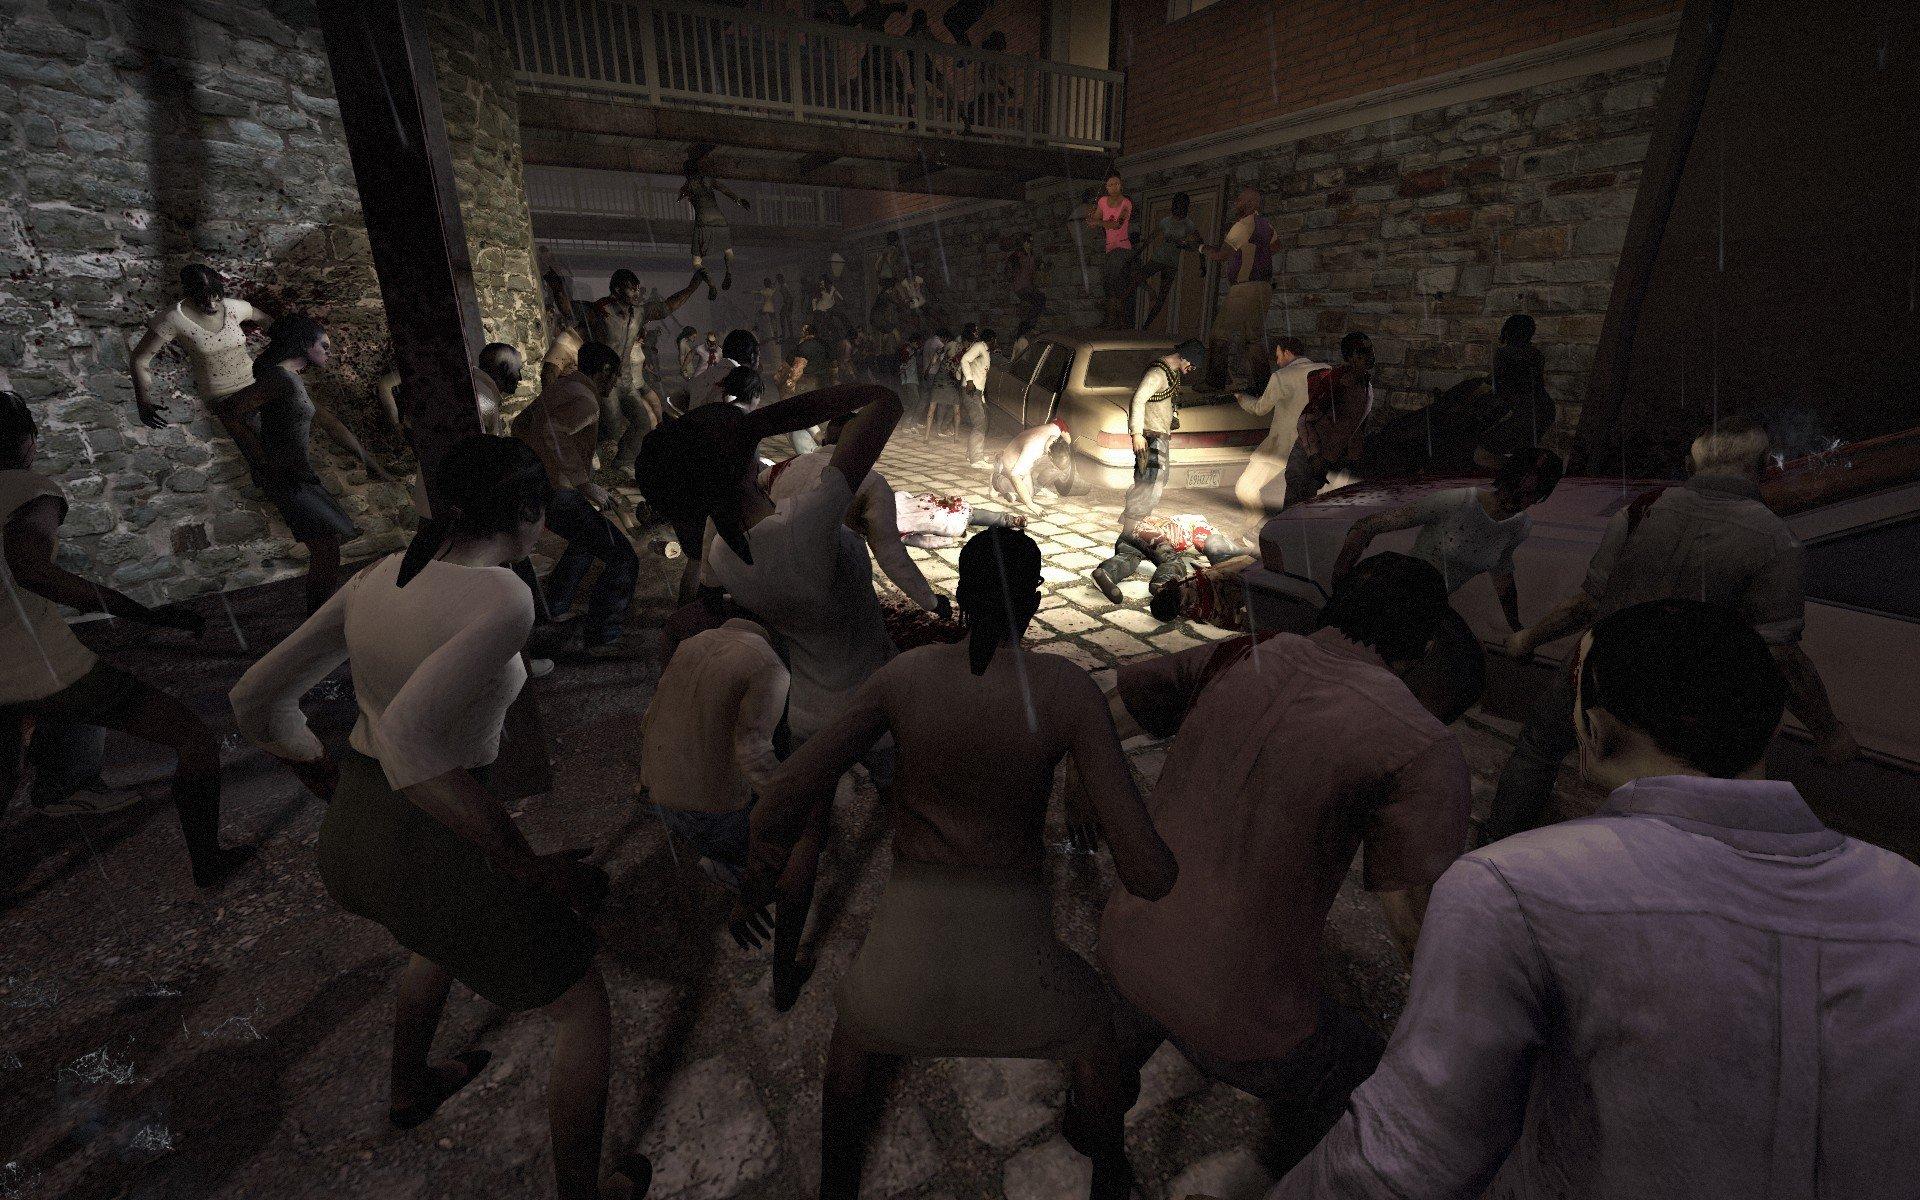 Festival de Zombies anuncian nuevos detalles del DLC de Left 4 Dead 2 [Screens]